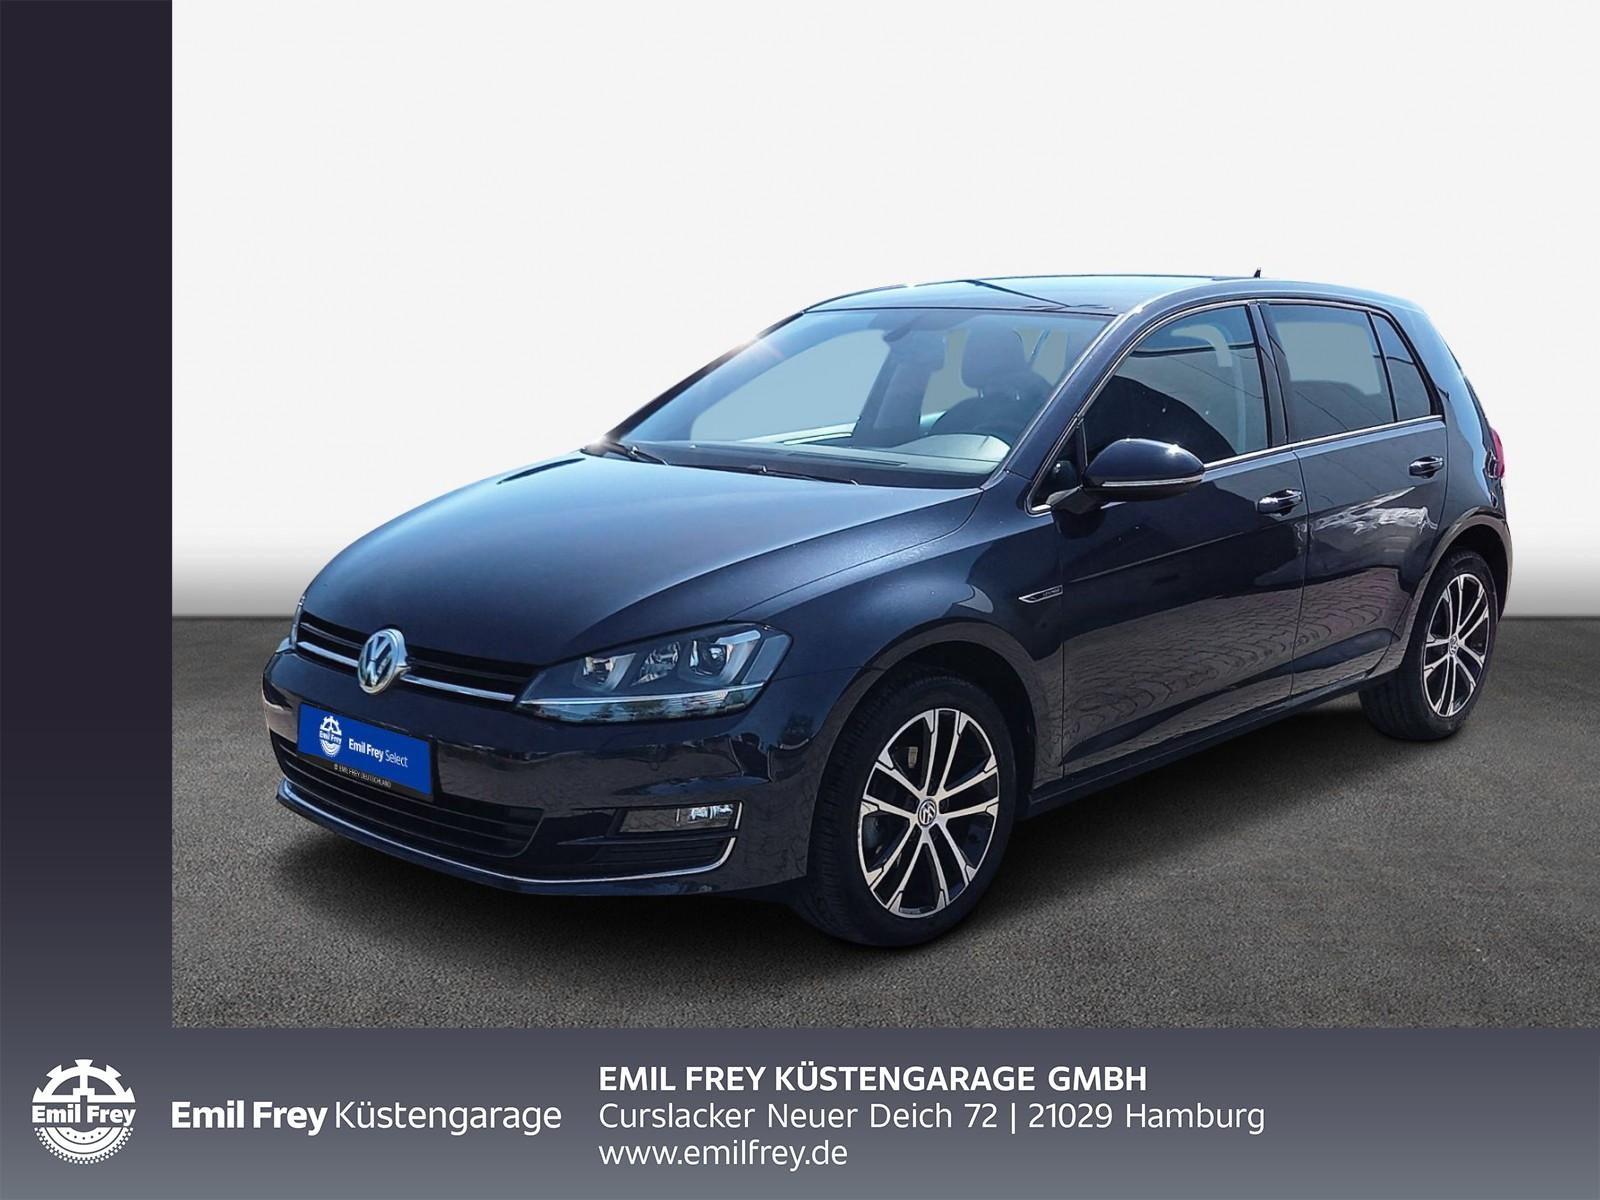 Volkswagen Golf VII 1.2 TSI Lounge, Xenon, Navi, Klima, Alu, Jahr 2015, Benzin